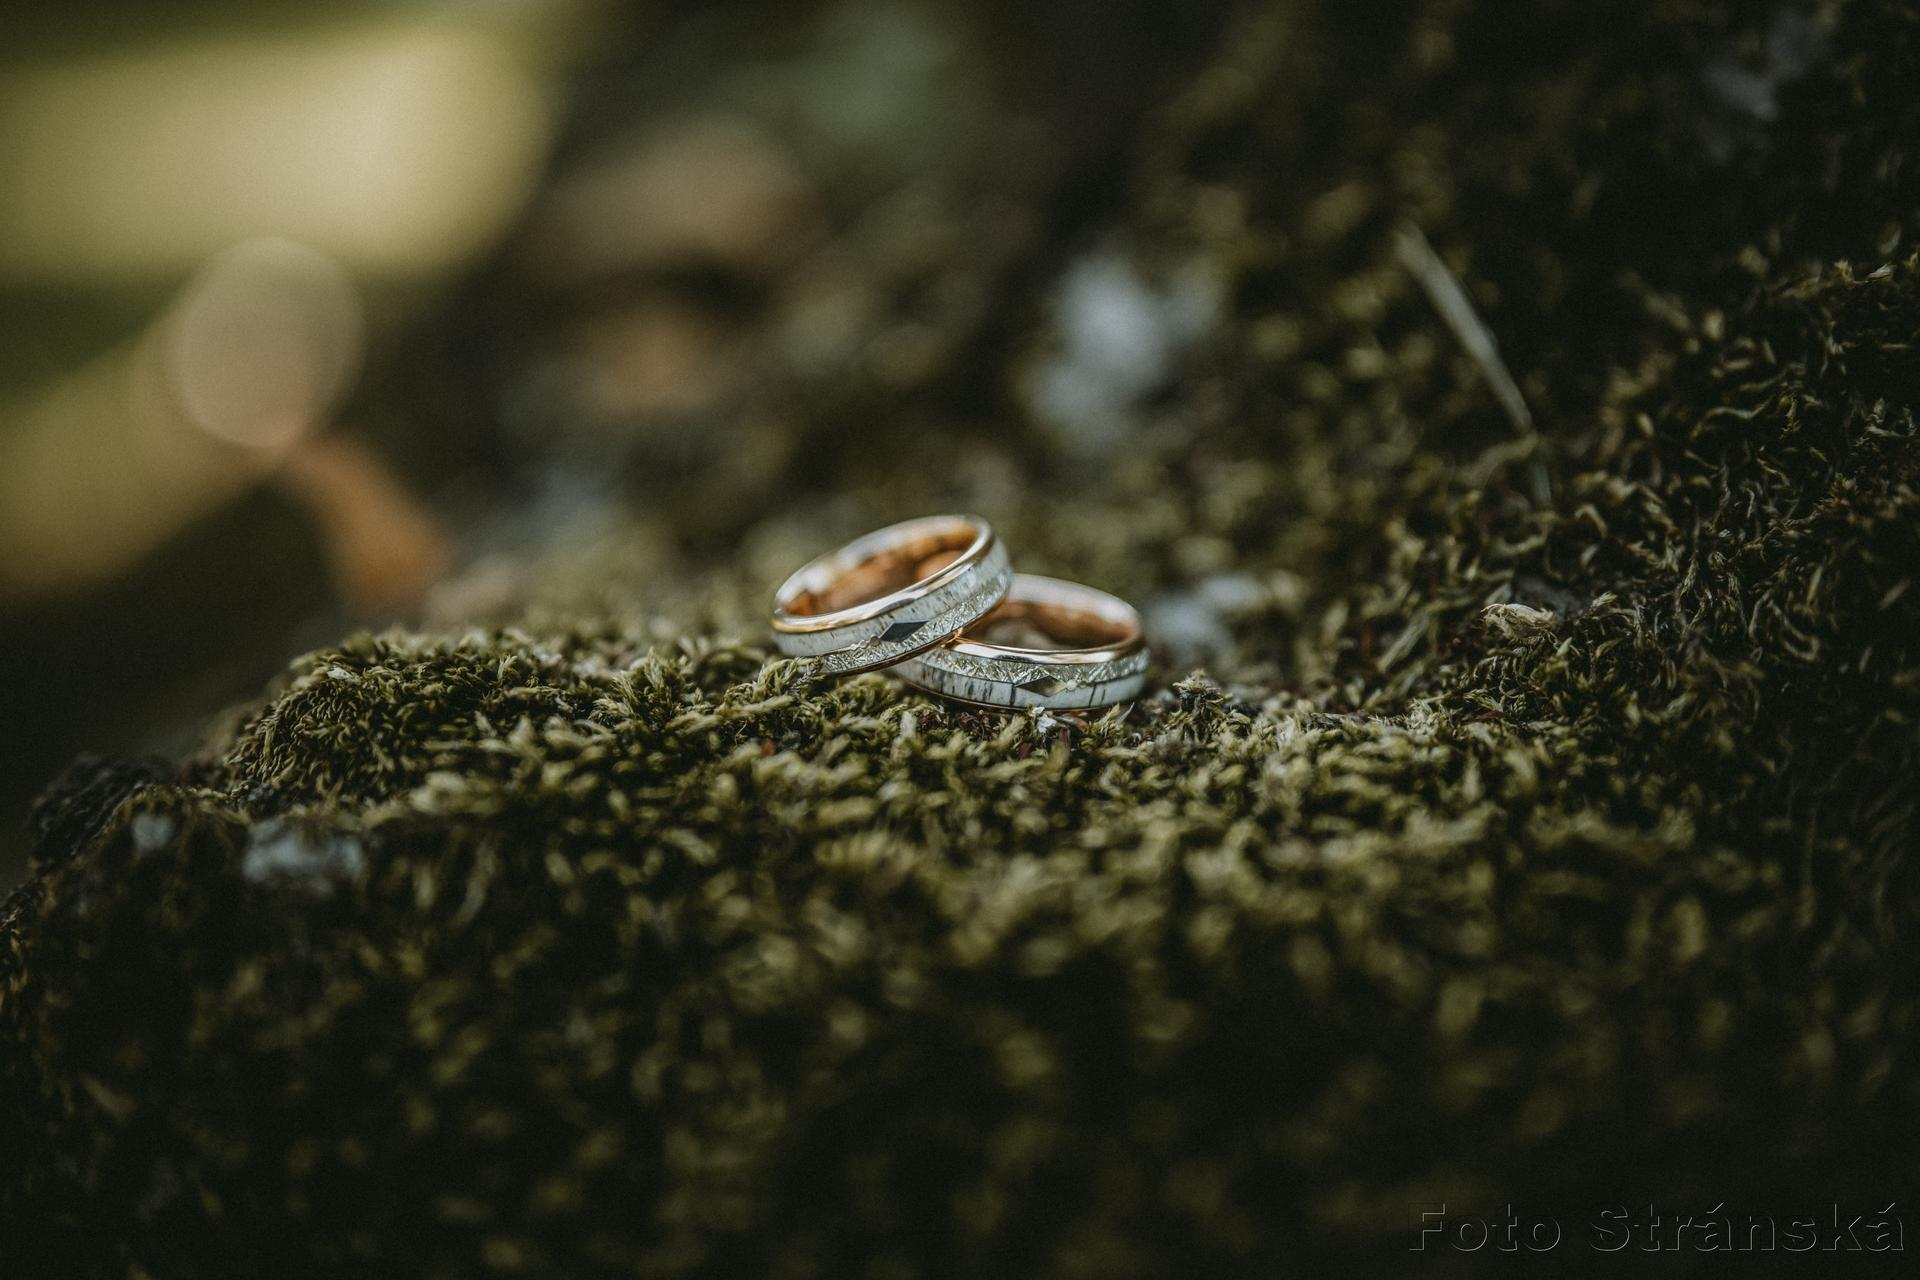 Žanet    {{_AND_}}    Ondra - Naše netradiční prsteny, které nám všichni moc chválili. :)